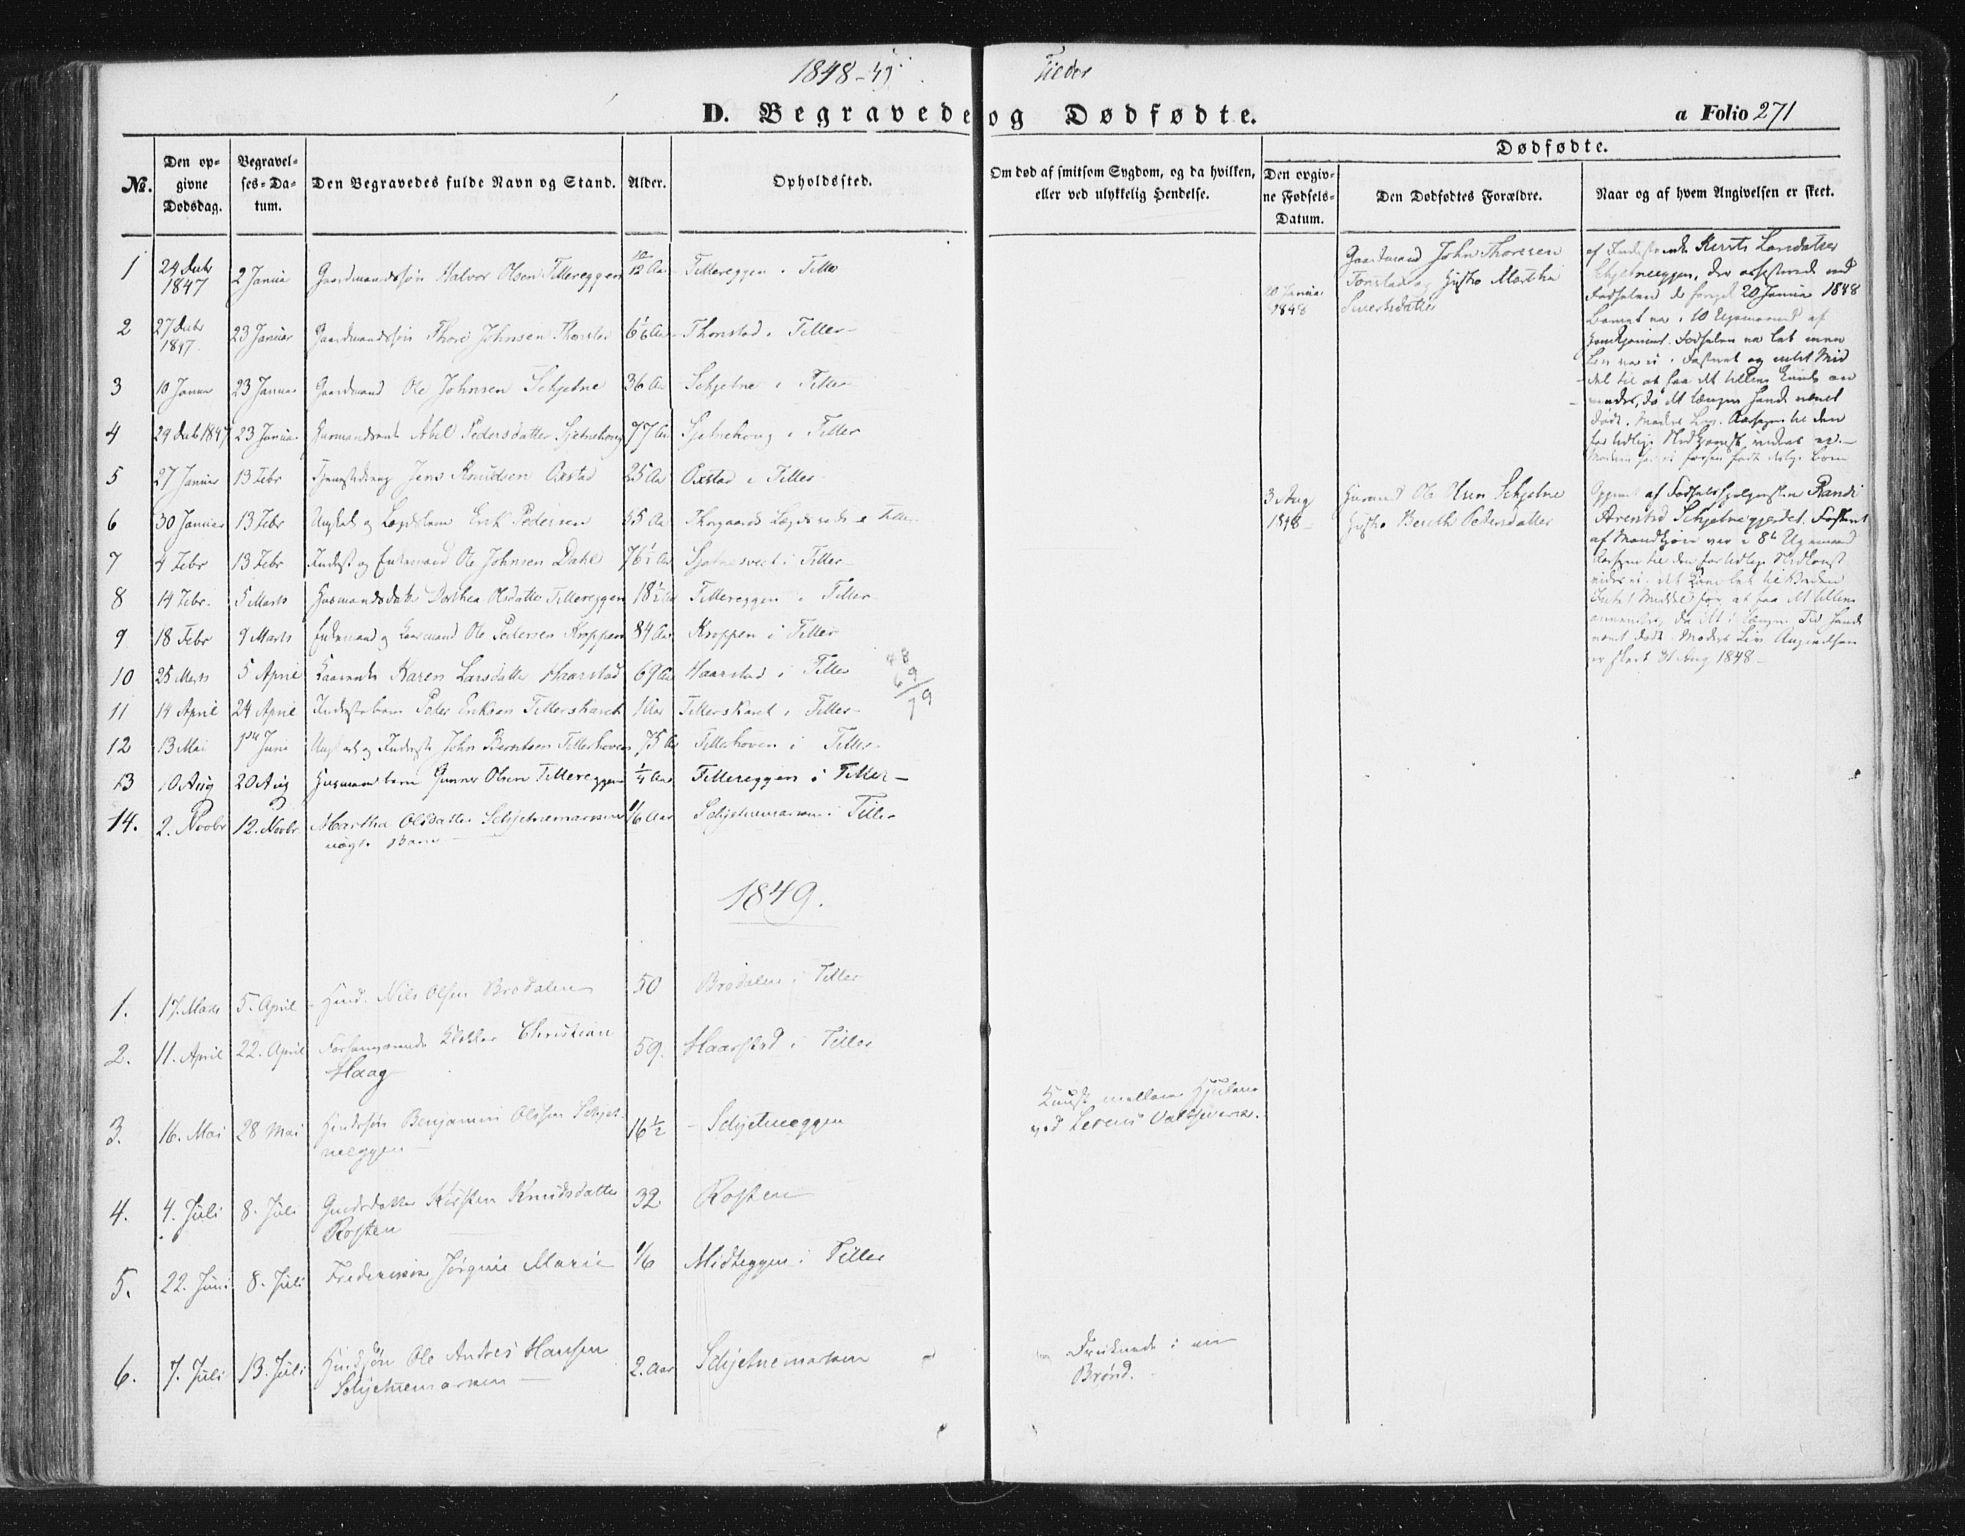 SAT, Ministerialprotokoller, klokkerbøker og fødselsregistre - Sør-Trøndelag, 618/L0441: Ministerialbok nr. 618A05, 1843-1862, s. 271